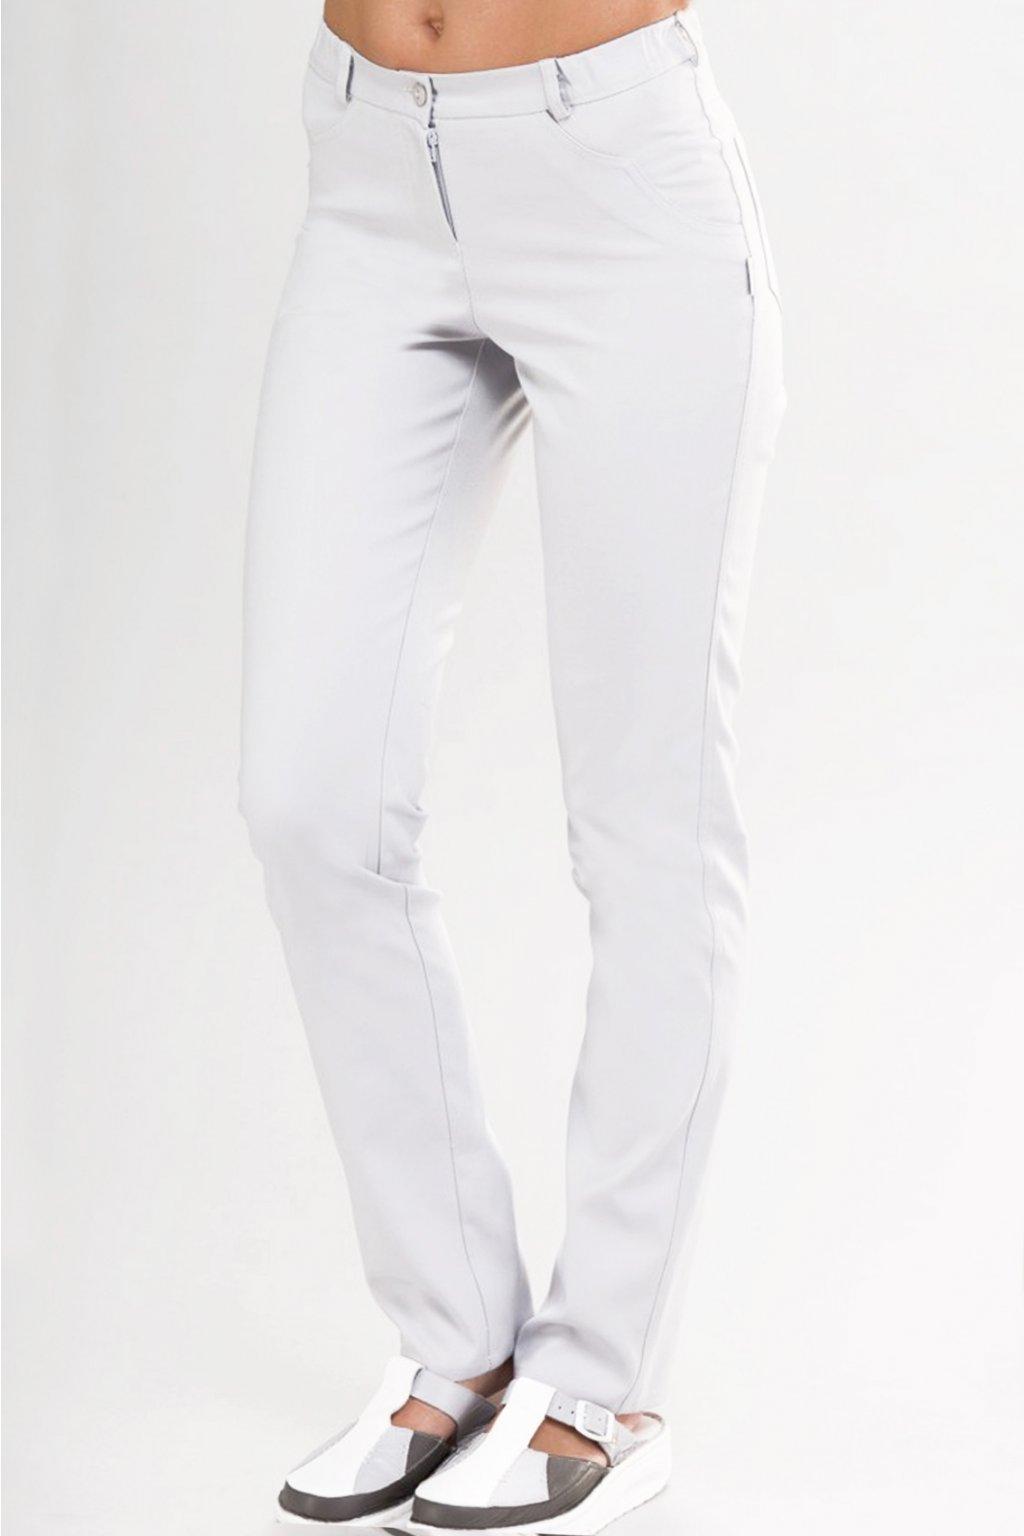 kalhoty-stretchove-442-01